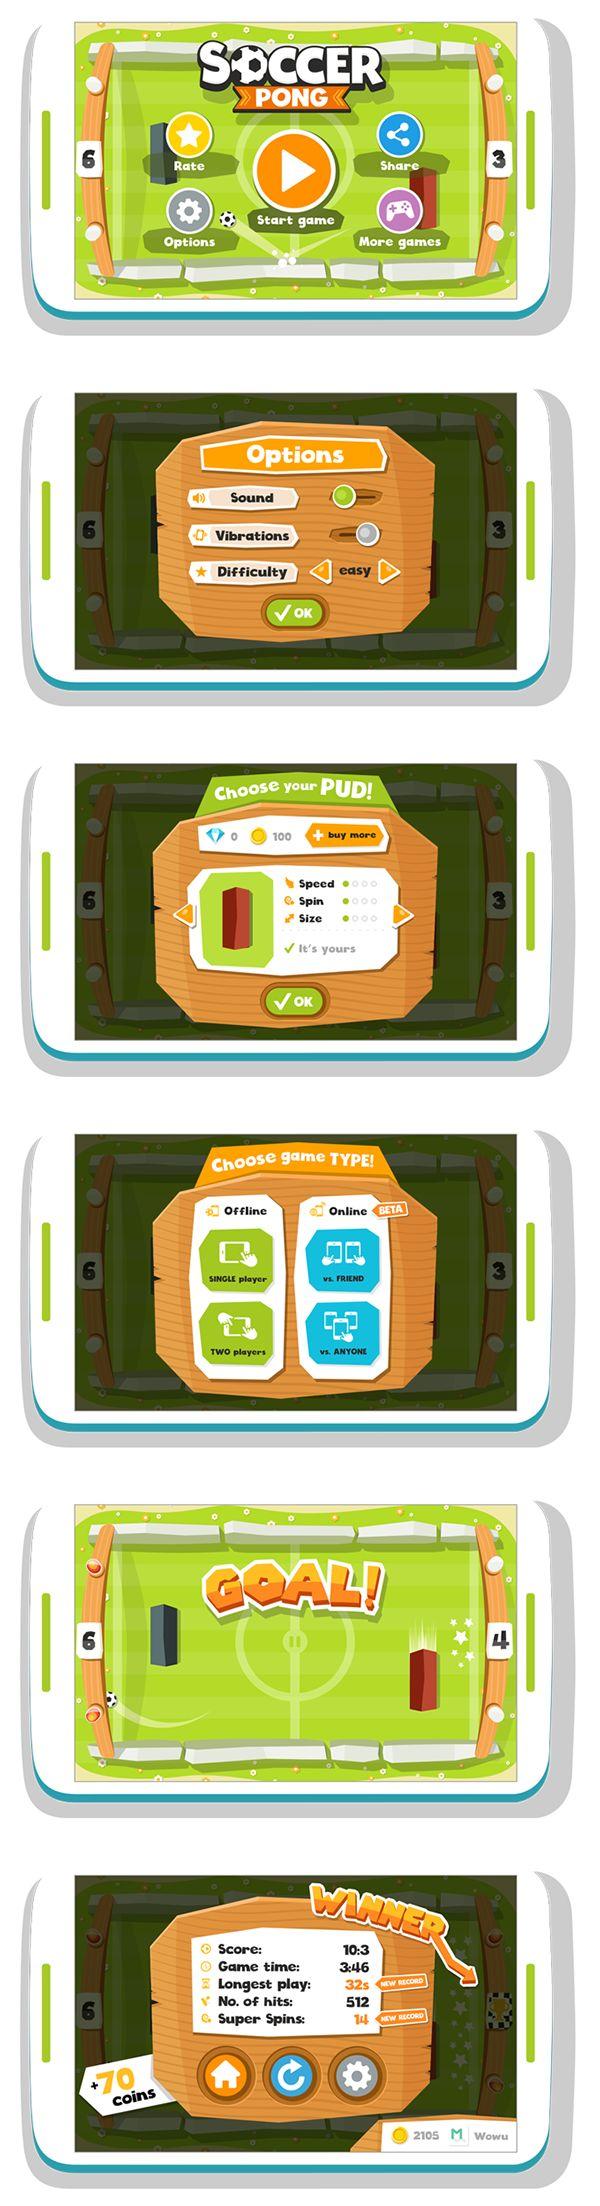 Soccer Pong - mobile game on Behance